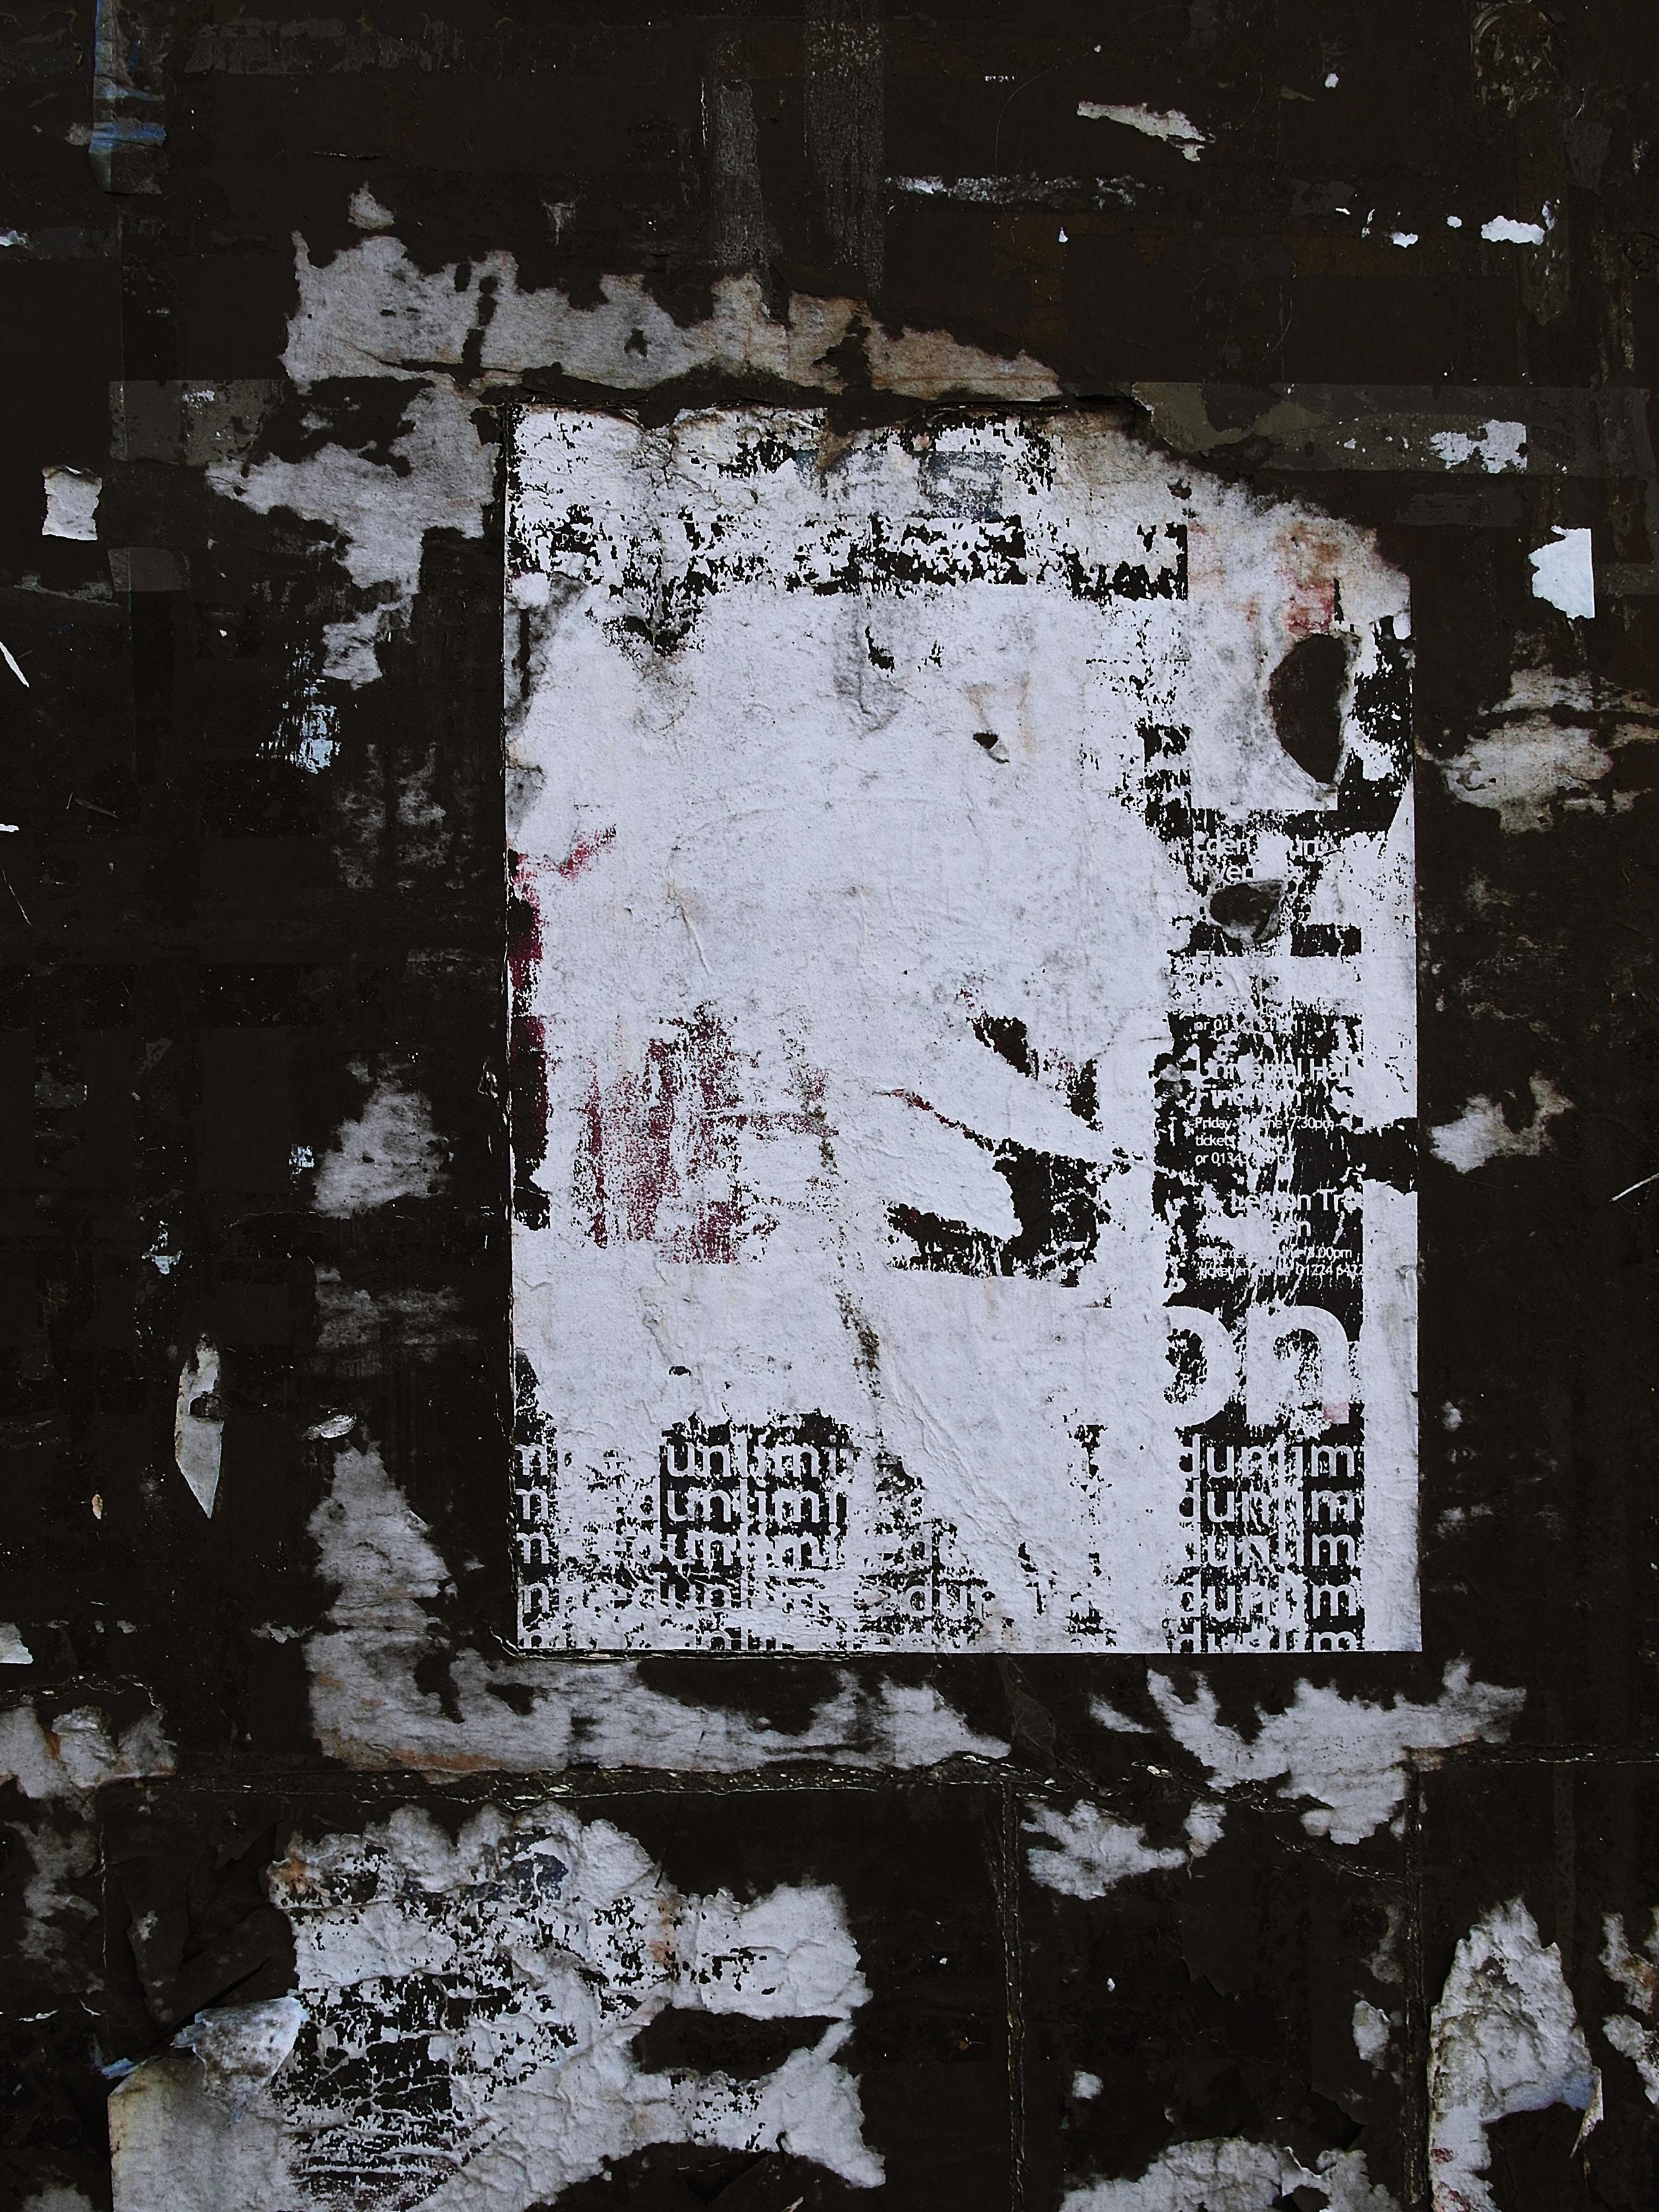 免費壁紙145323:纹理, 墙, 墙面, 贴纸, 衣衫褴褛, 破败不谈, 老的, 老, 纸, 纸质 下載手機圖片